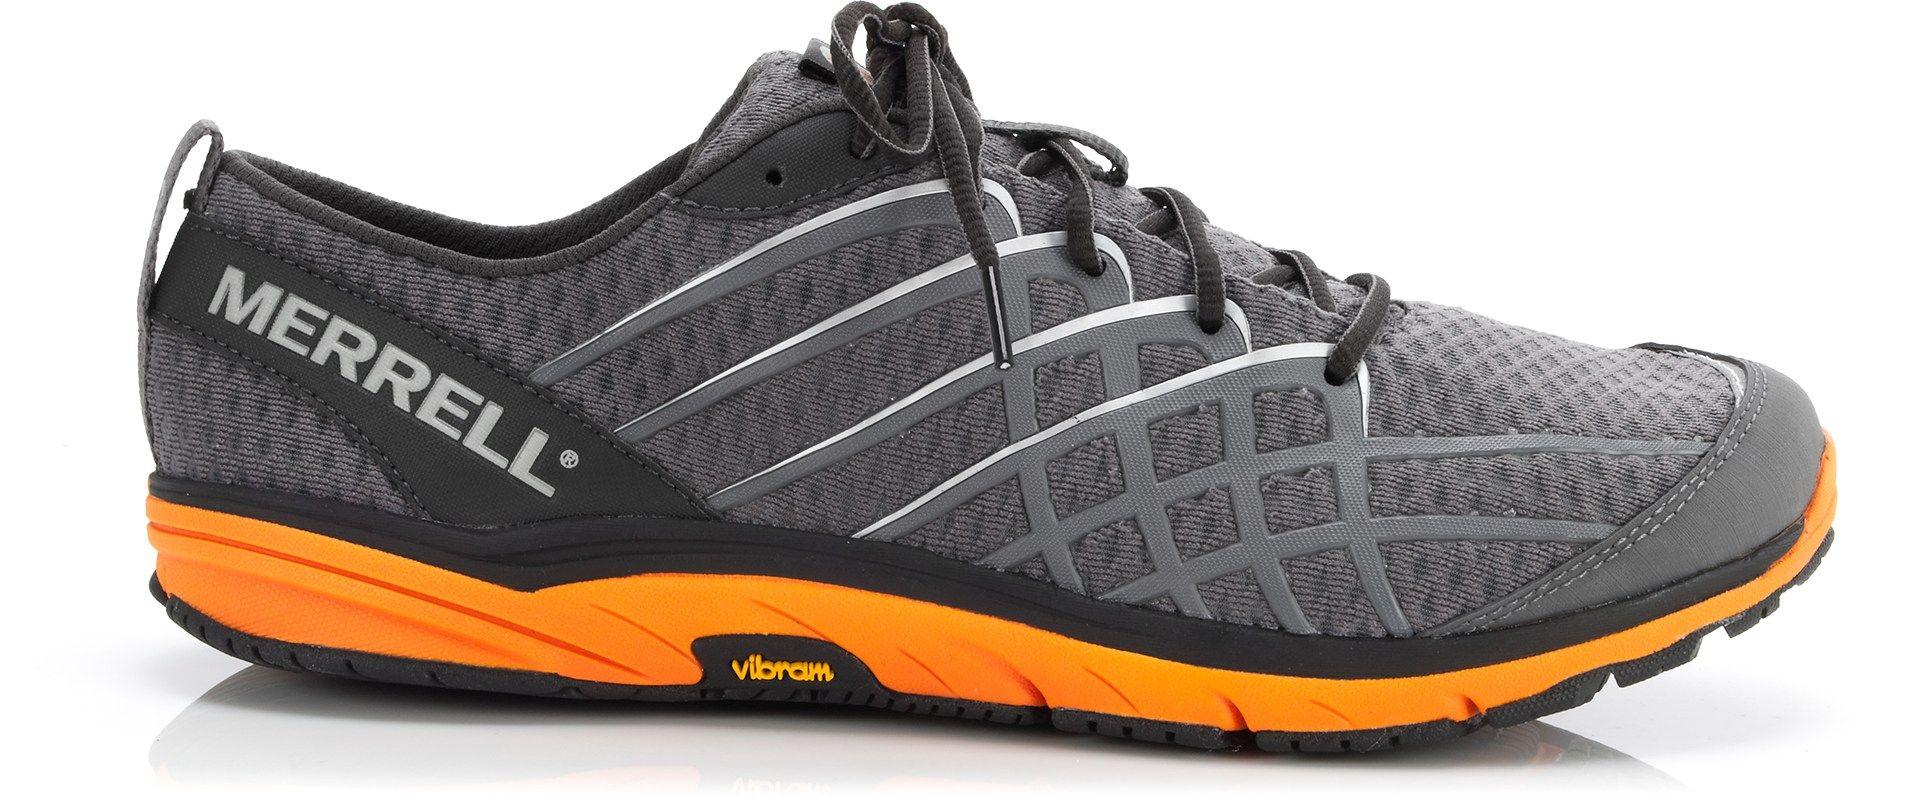 Merrell Bare Access 2 Running Shoes - Men's